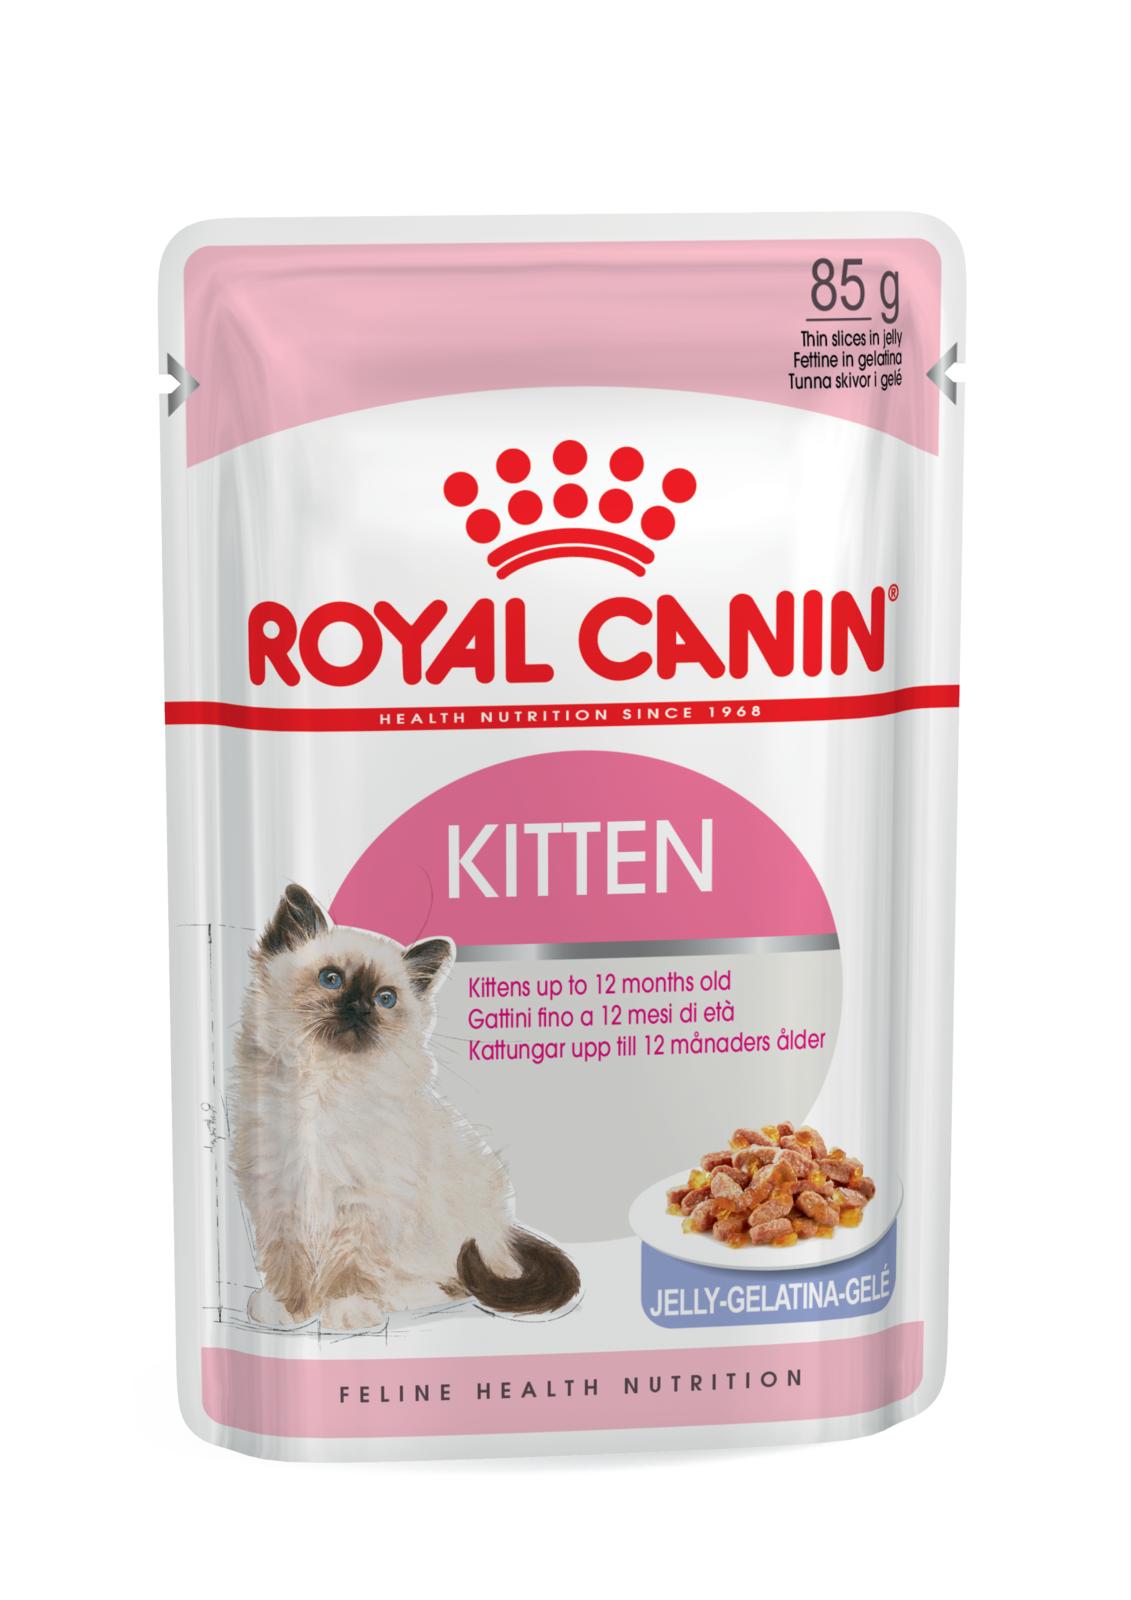 Royal Canin Kitten Instinctive Loaf Jelly Cat Food - Ofypets